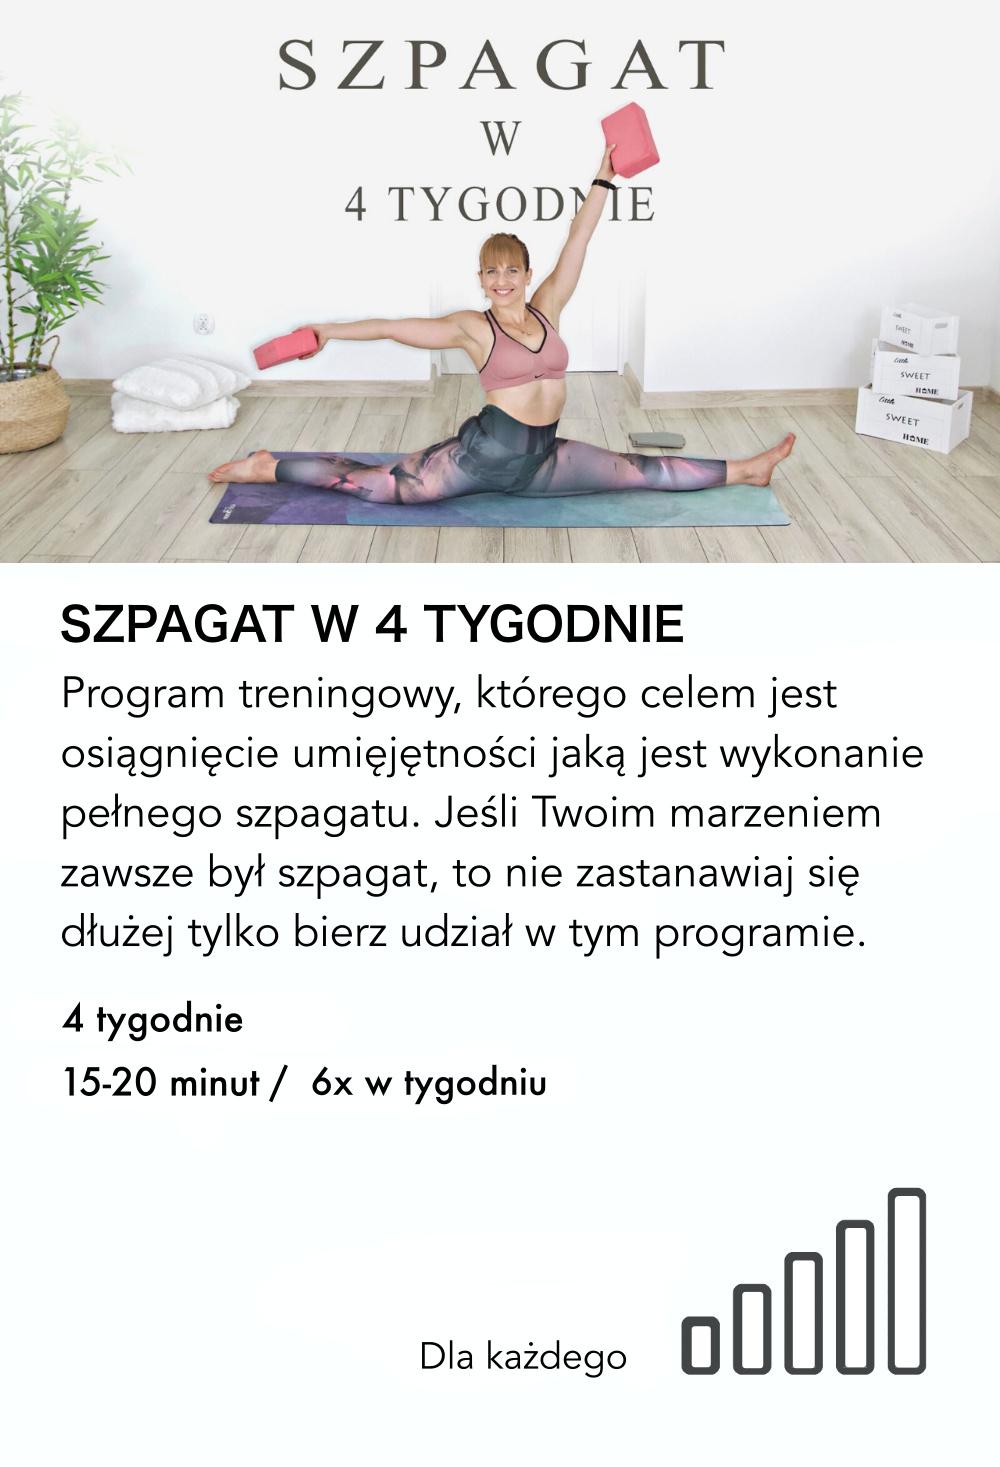 SZPAGAT_baner4